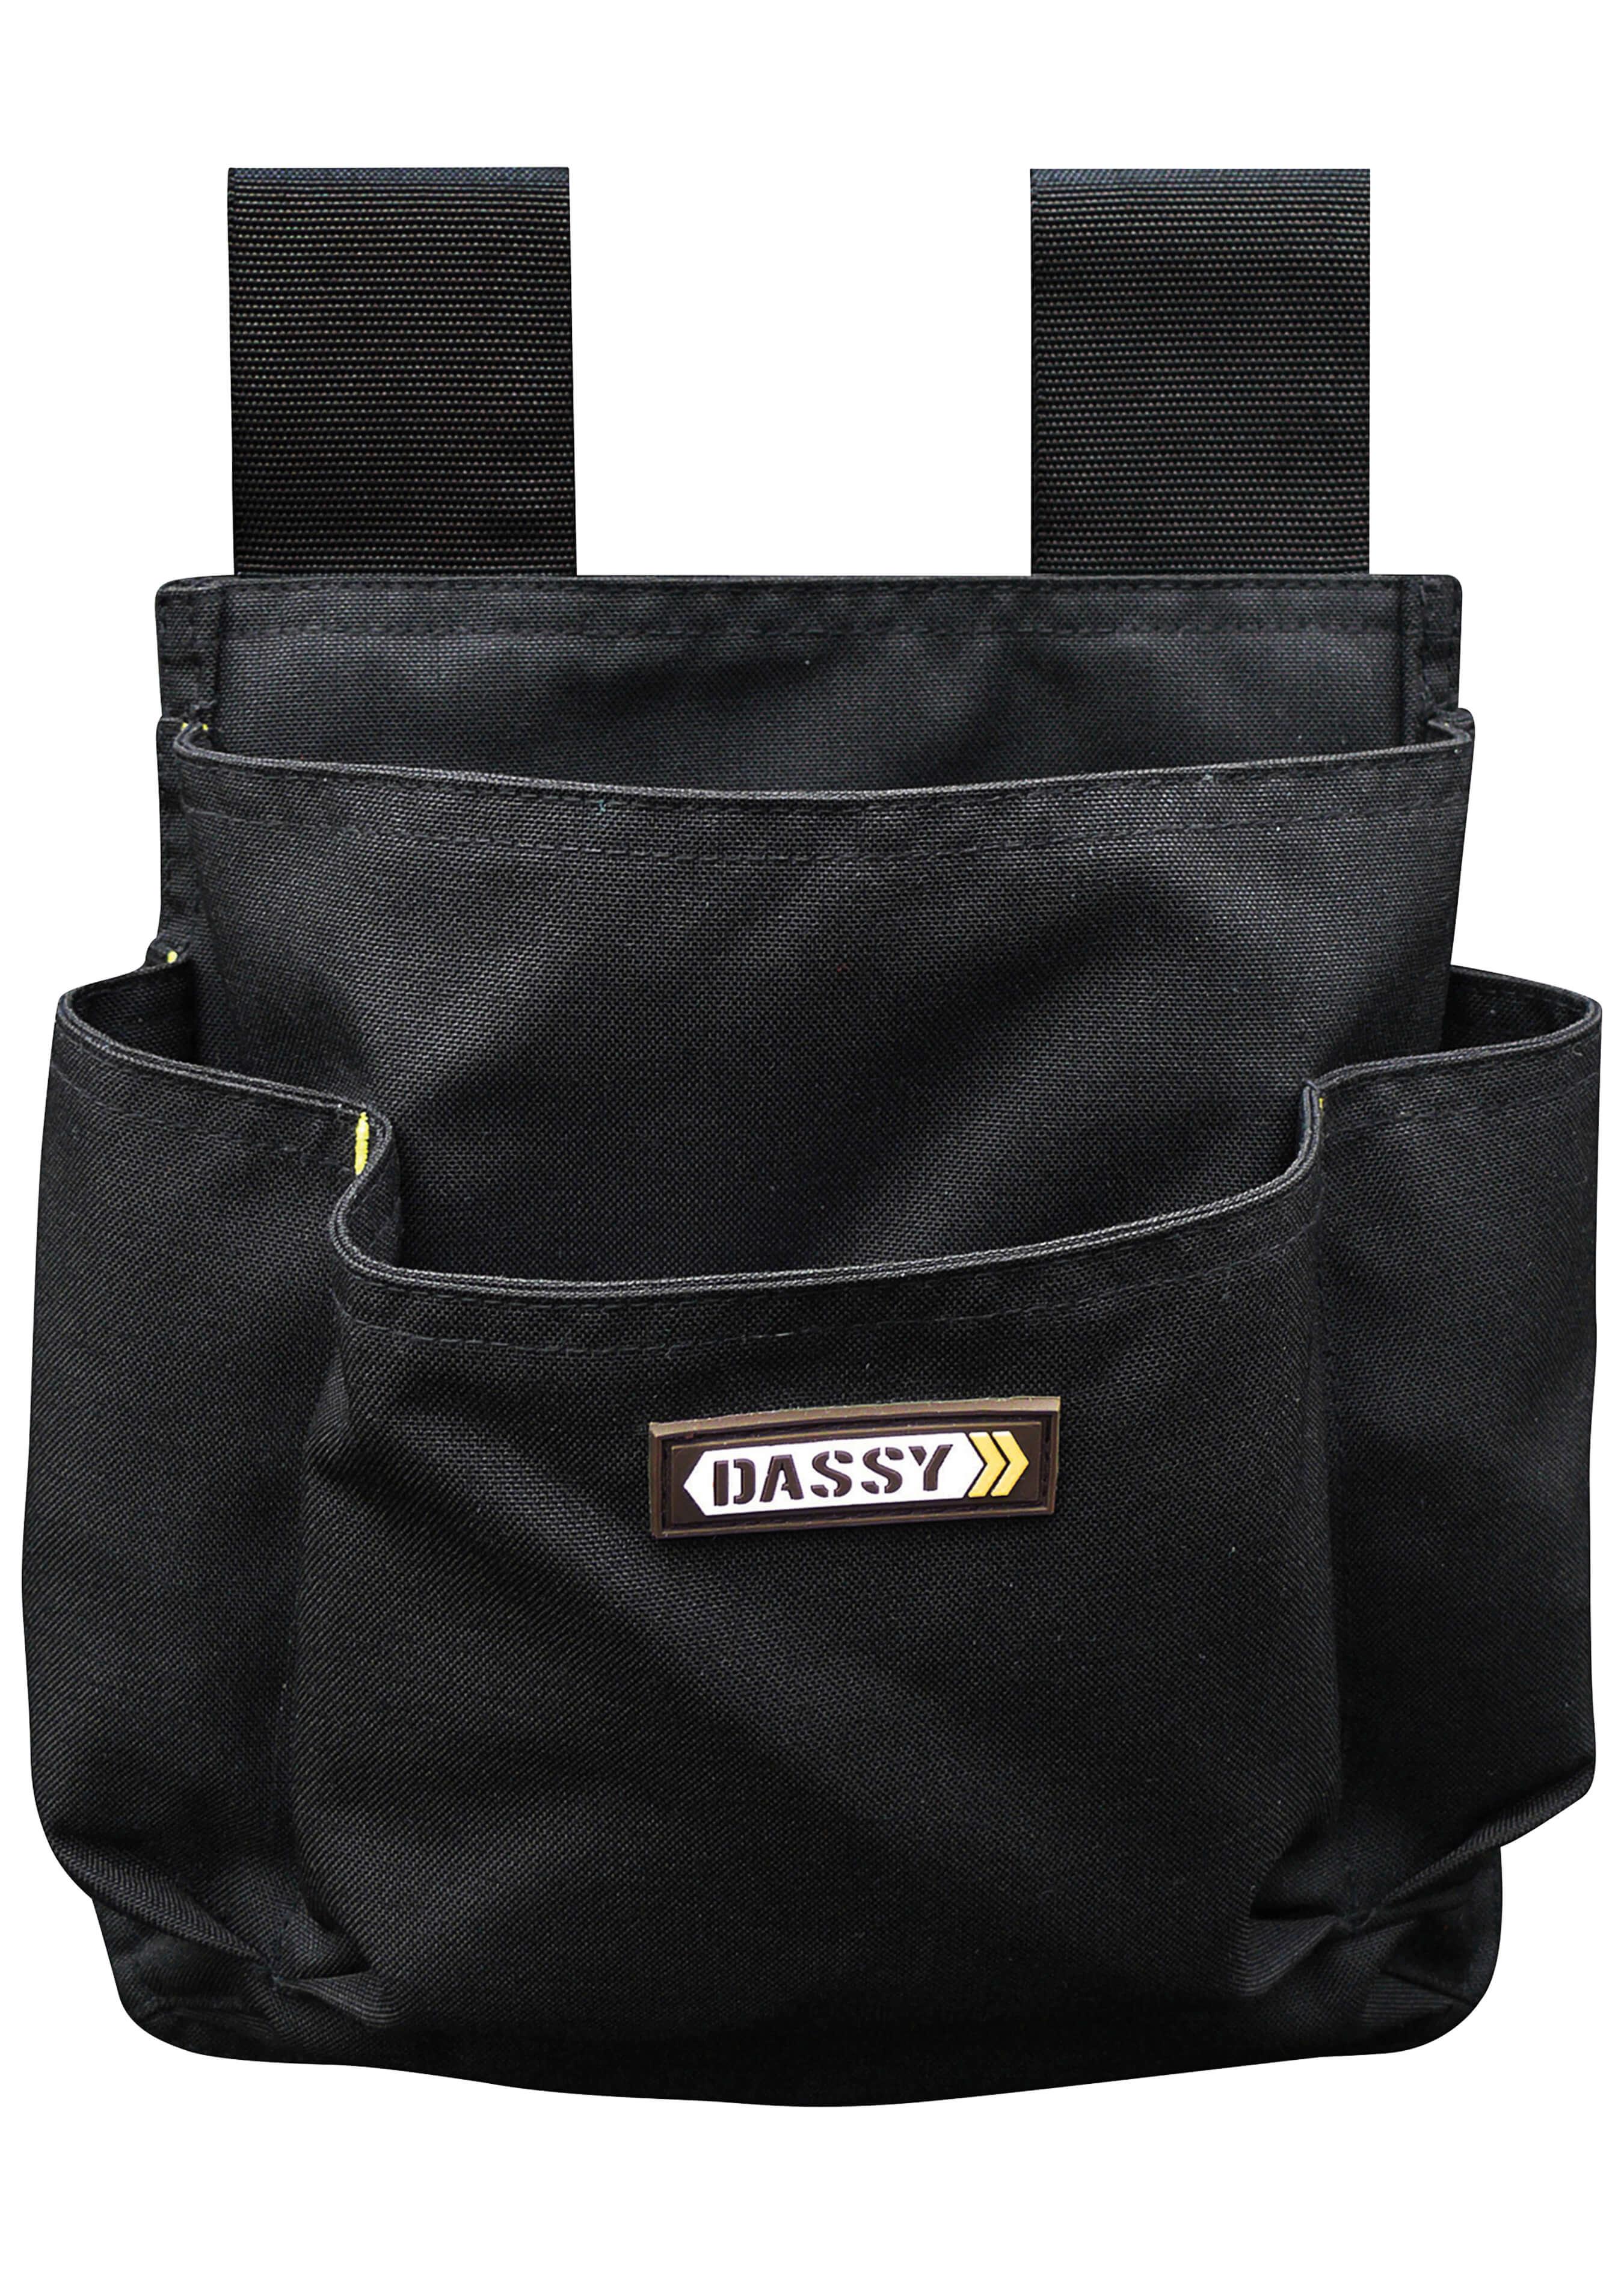 Dassy Brighton Cordura® Werkzeugtasche L14258 1